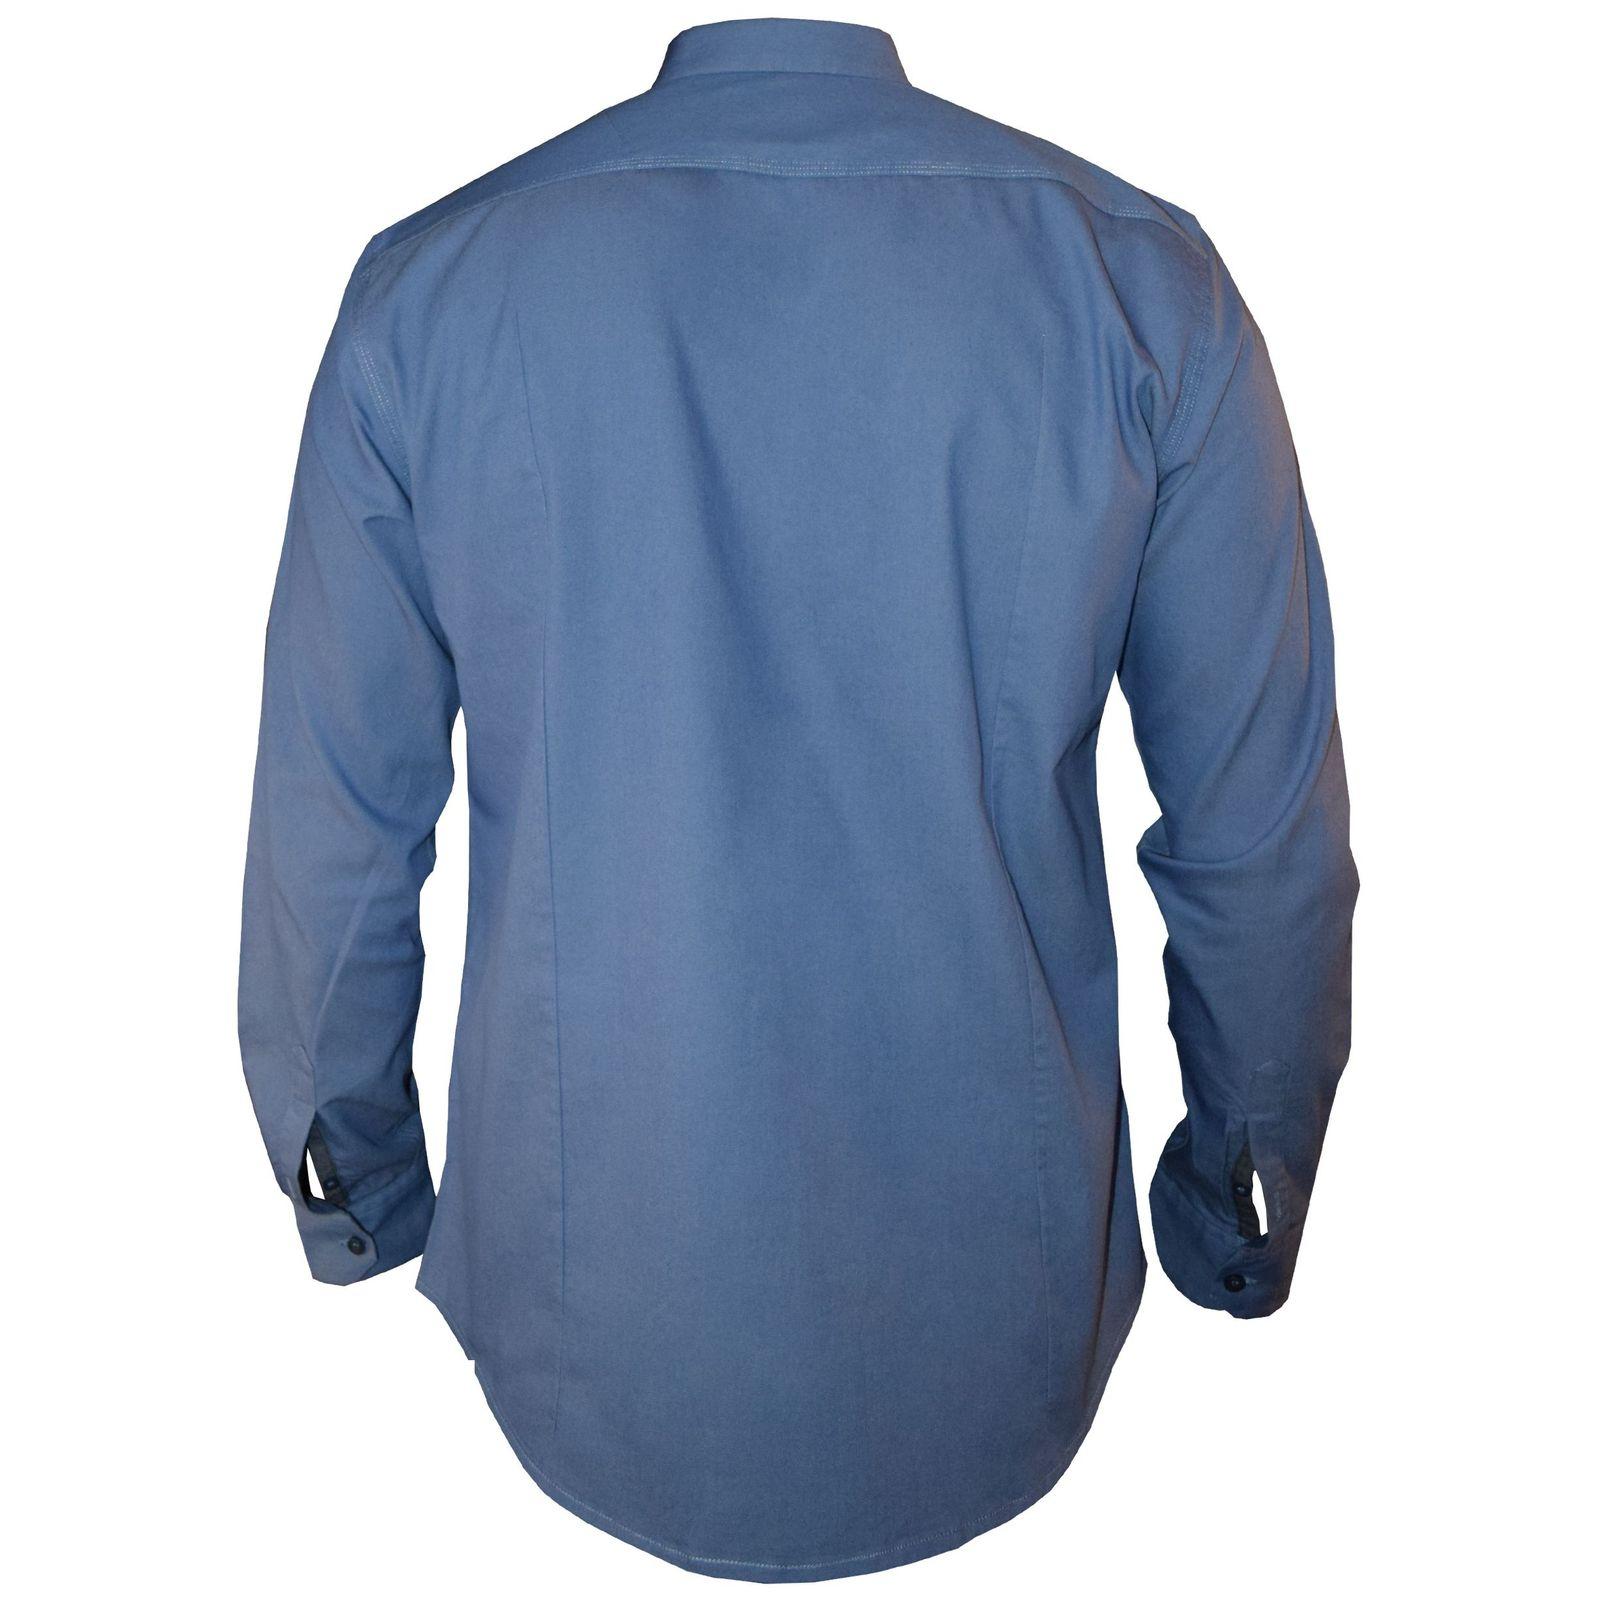 پیراهن مردانه پایتی جامه کد 1891615 main 1 2